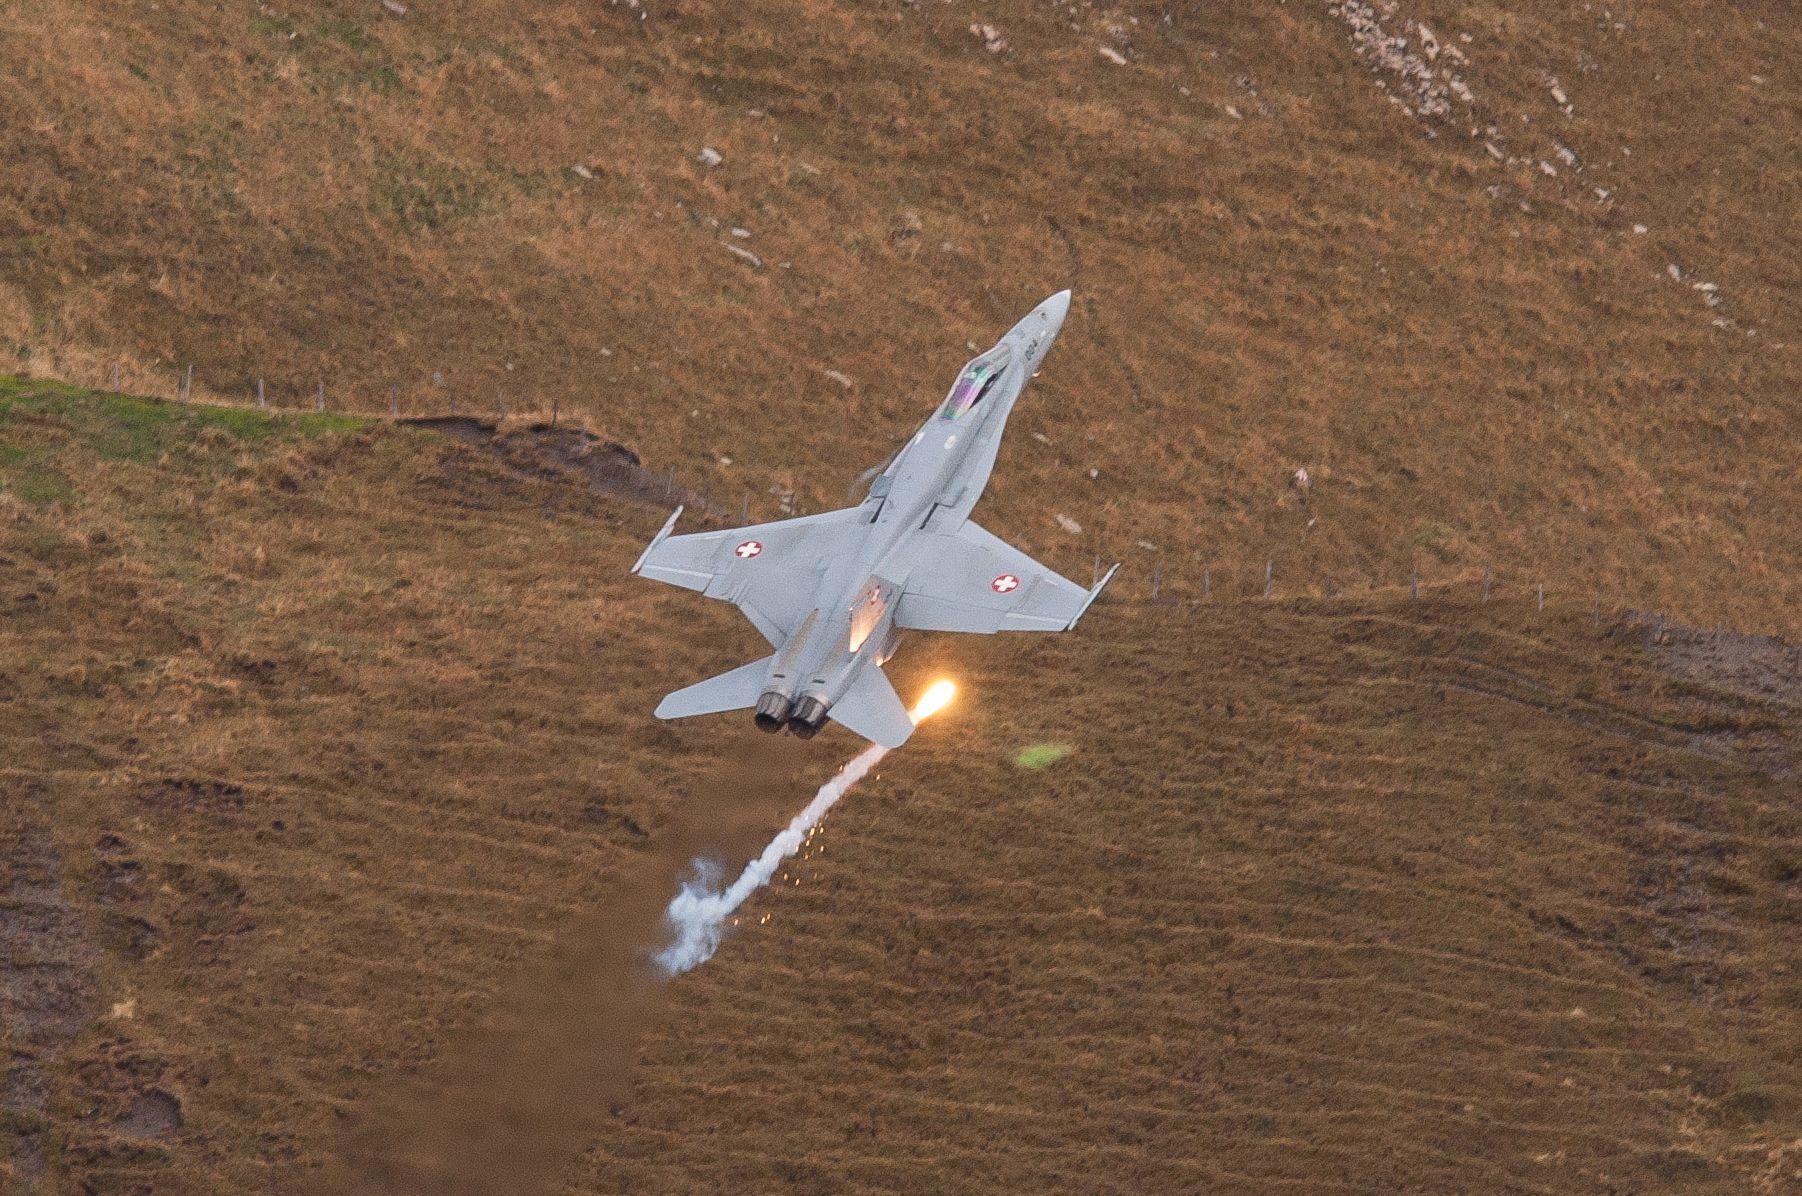 Air force live fire event Axalp 2012 - 10-11 Oct 2012 - Pagina 2 000111u